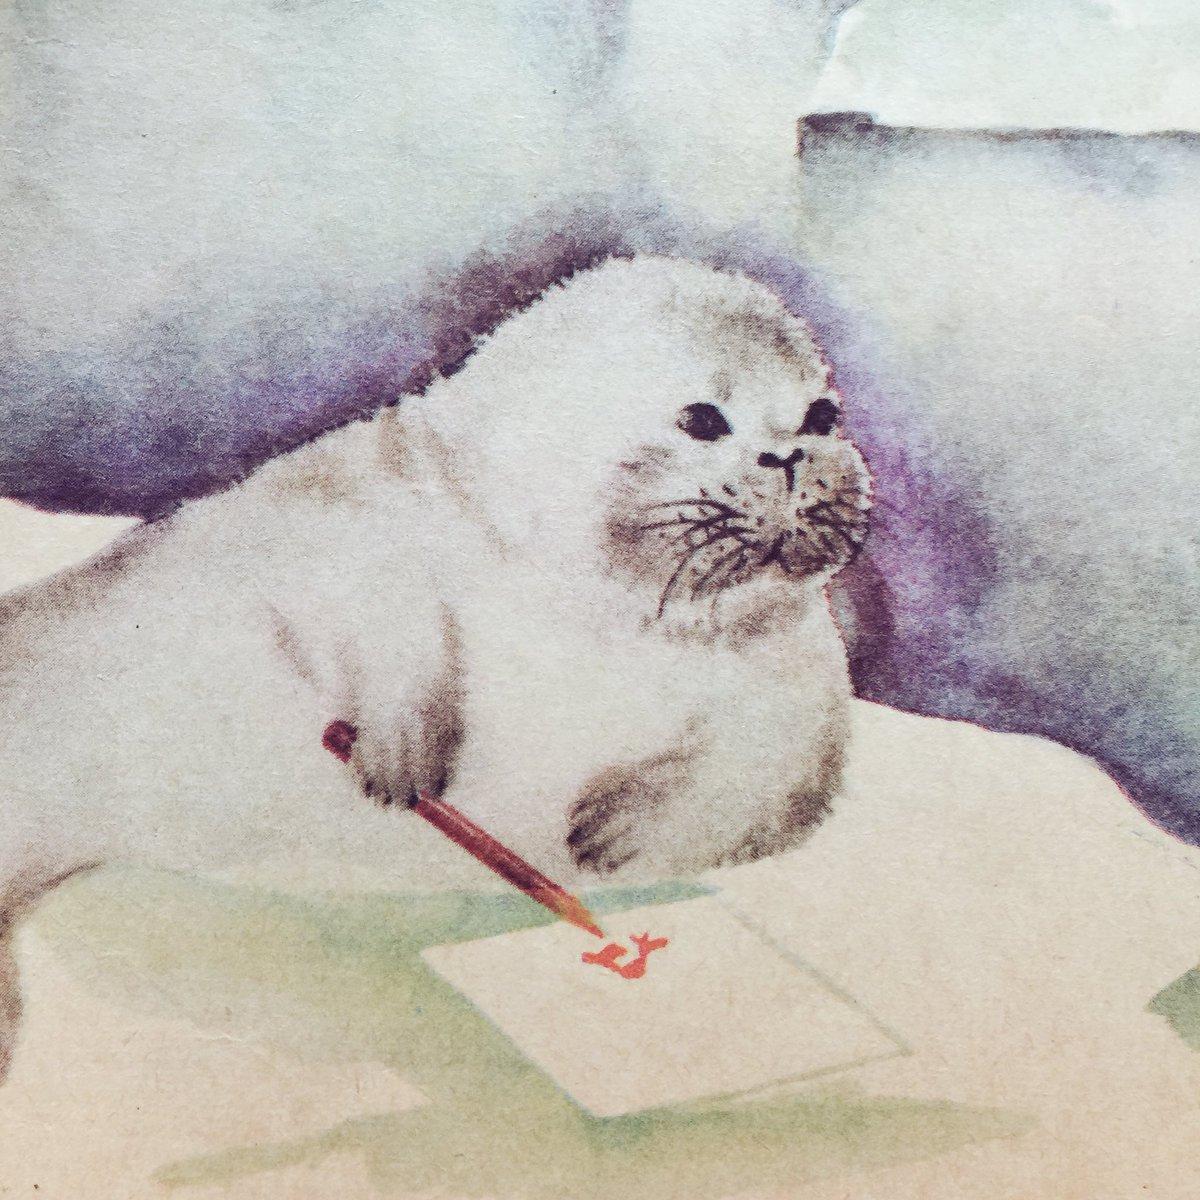 ひぃ…お絵描きするアザラシ坊やかわいい… (ソヴィエト絵本 1977年 https://t.co/TaXMOxzMey